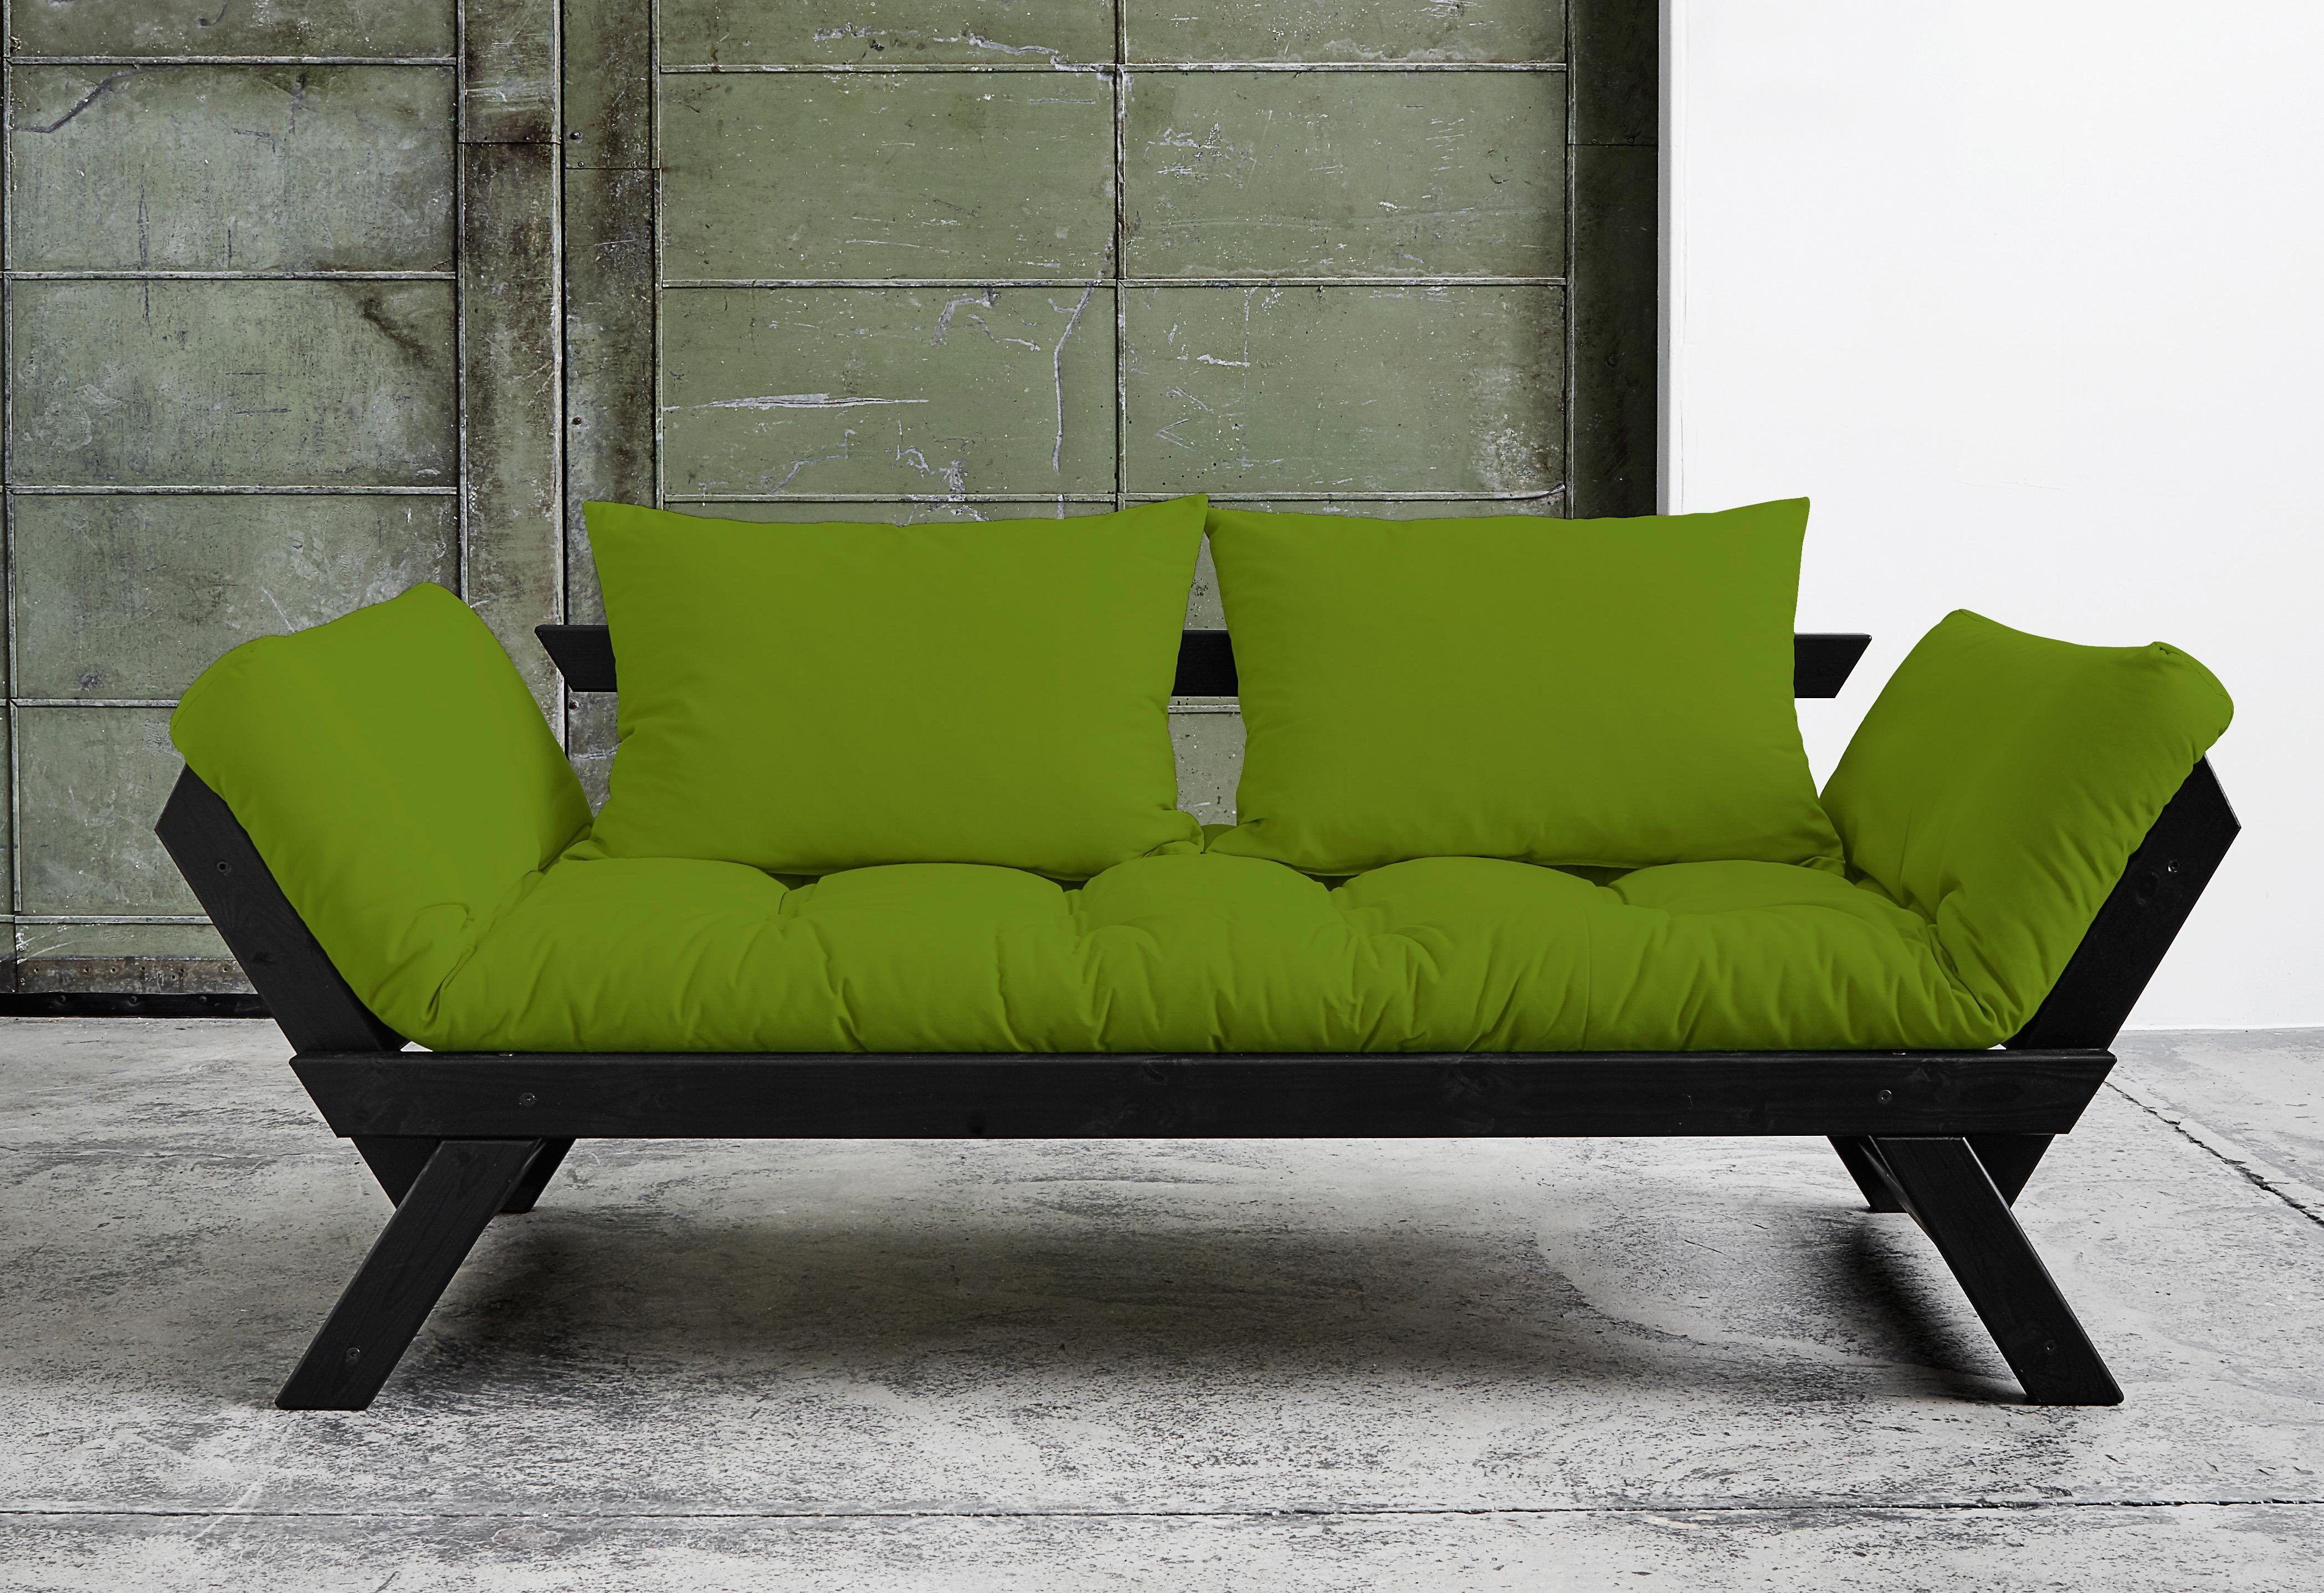 Schlafsofa grün  KARUP Schlafsofa grün, FSC®-zertifiziert Jetzt bestellen unter ...